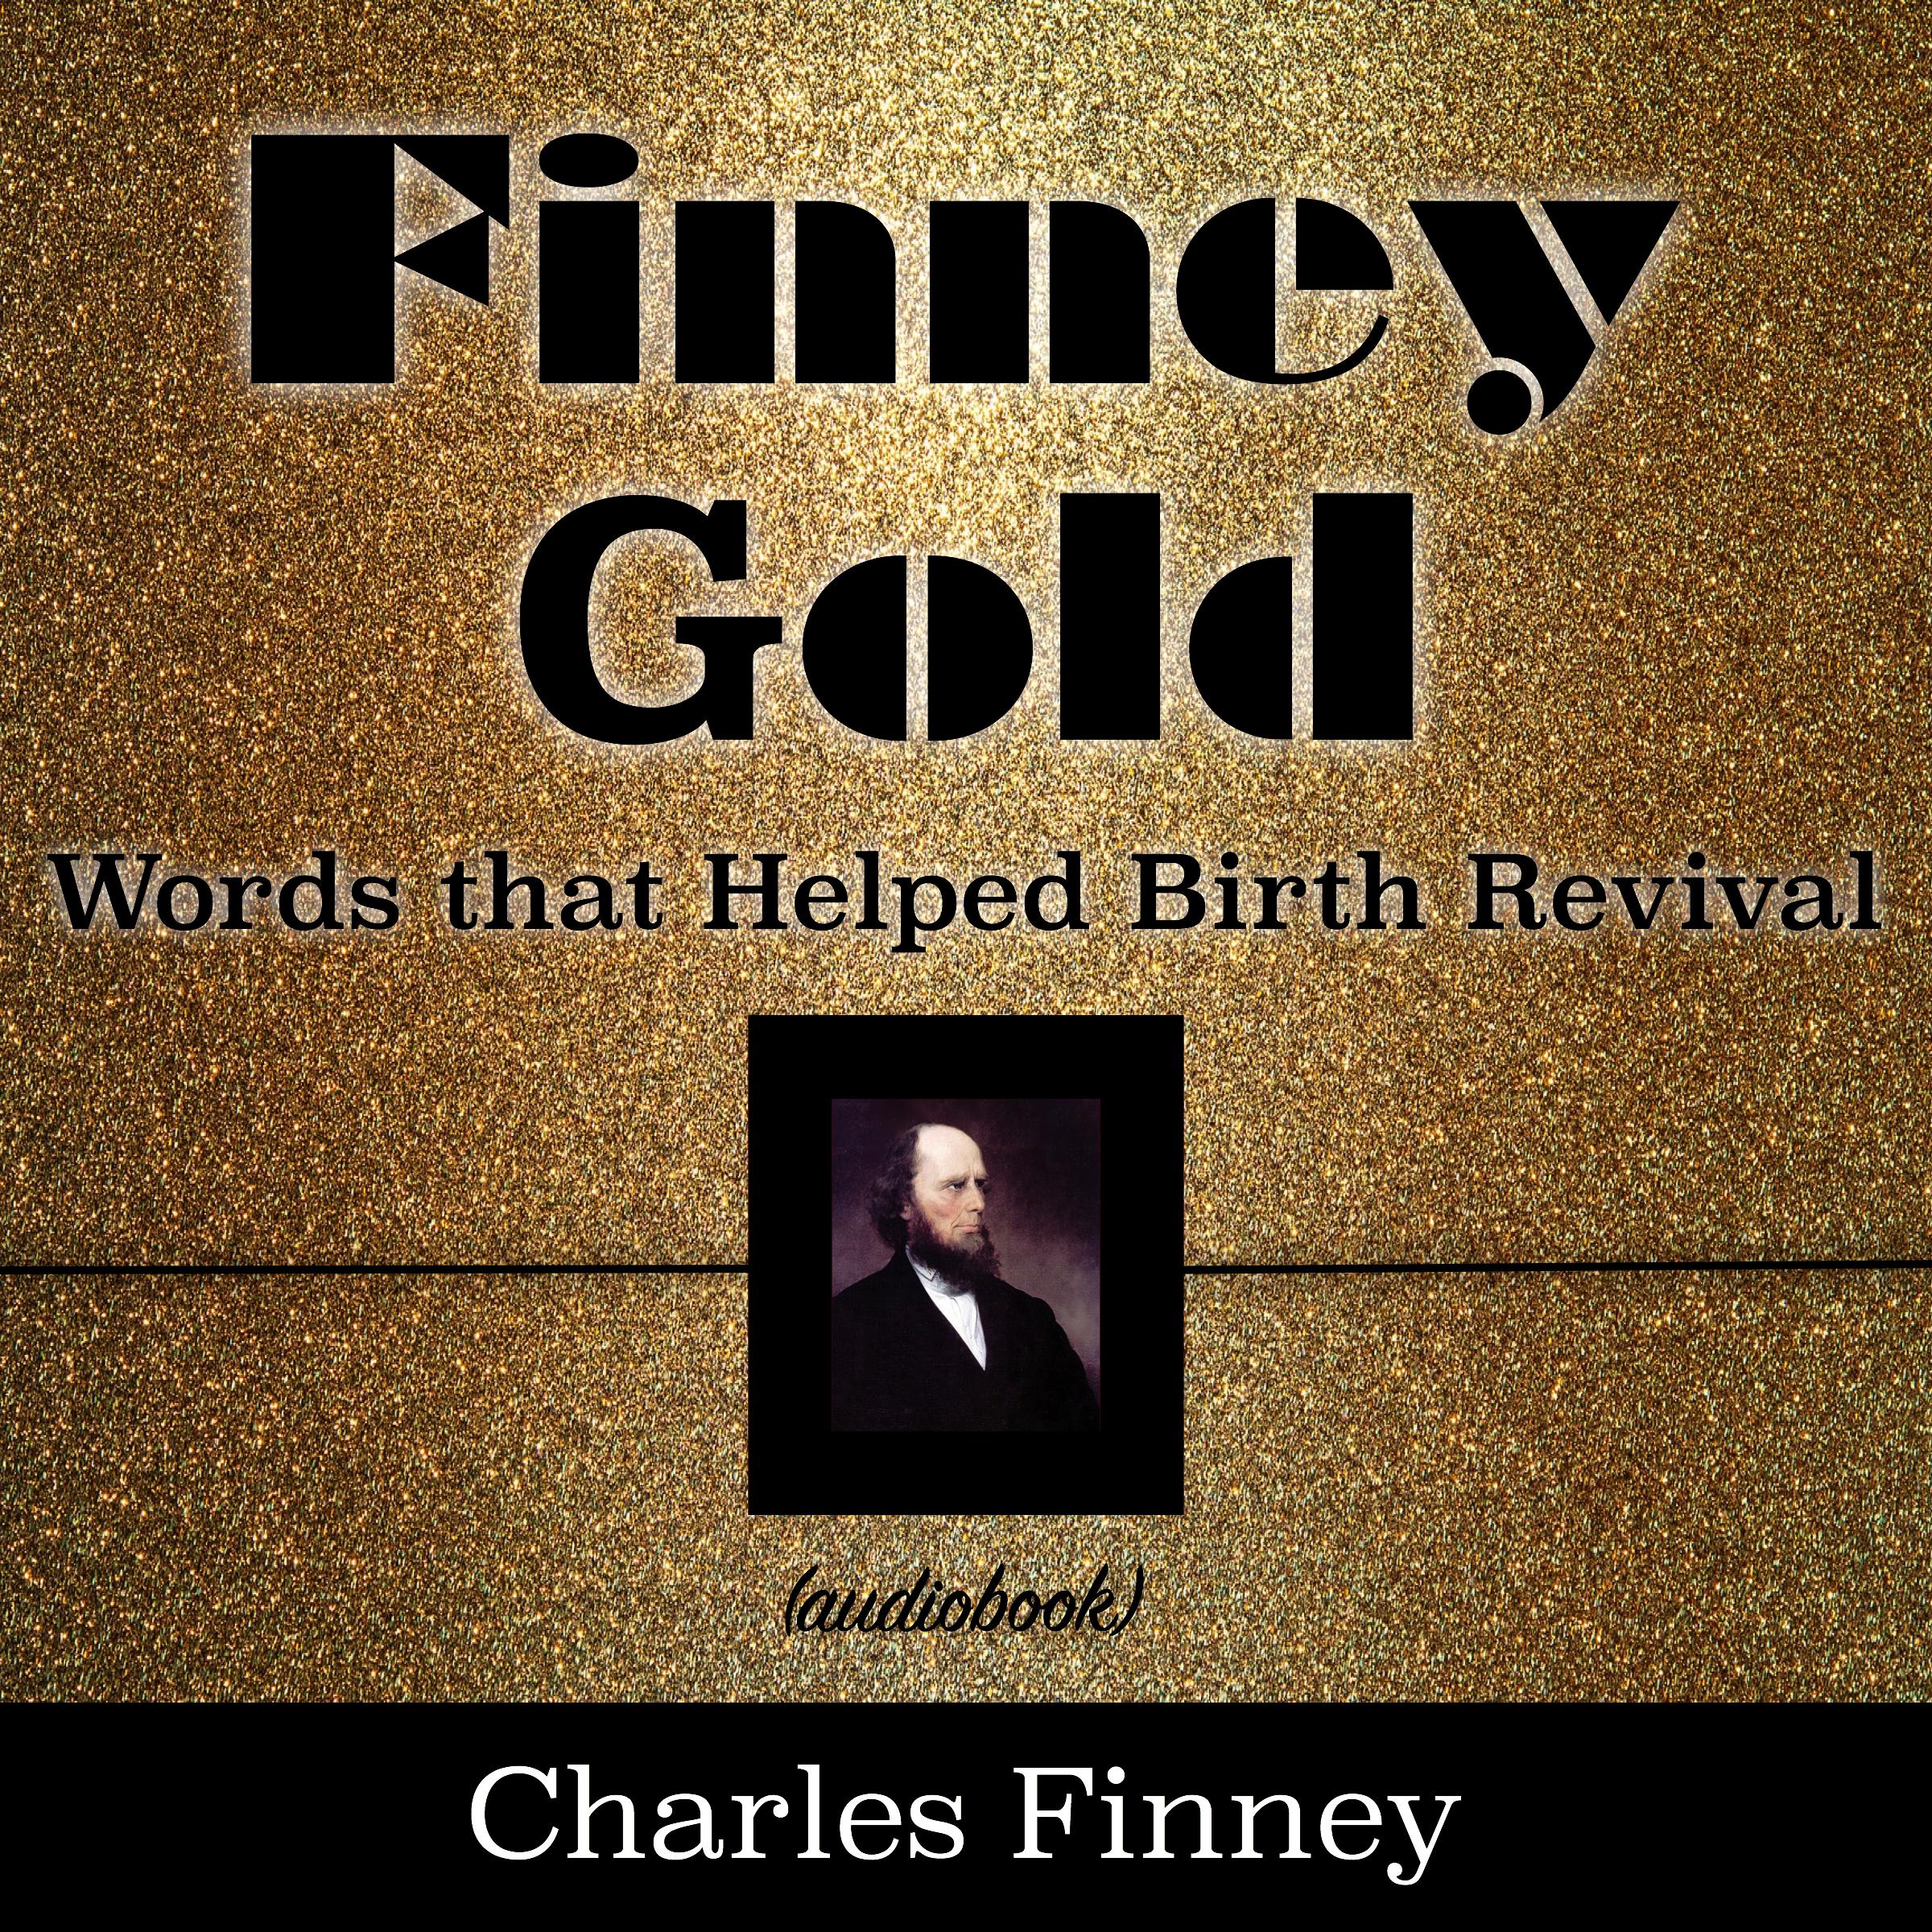 Updated3 Finney Gold Coverart.jpeg